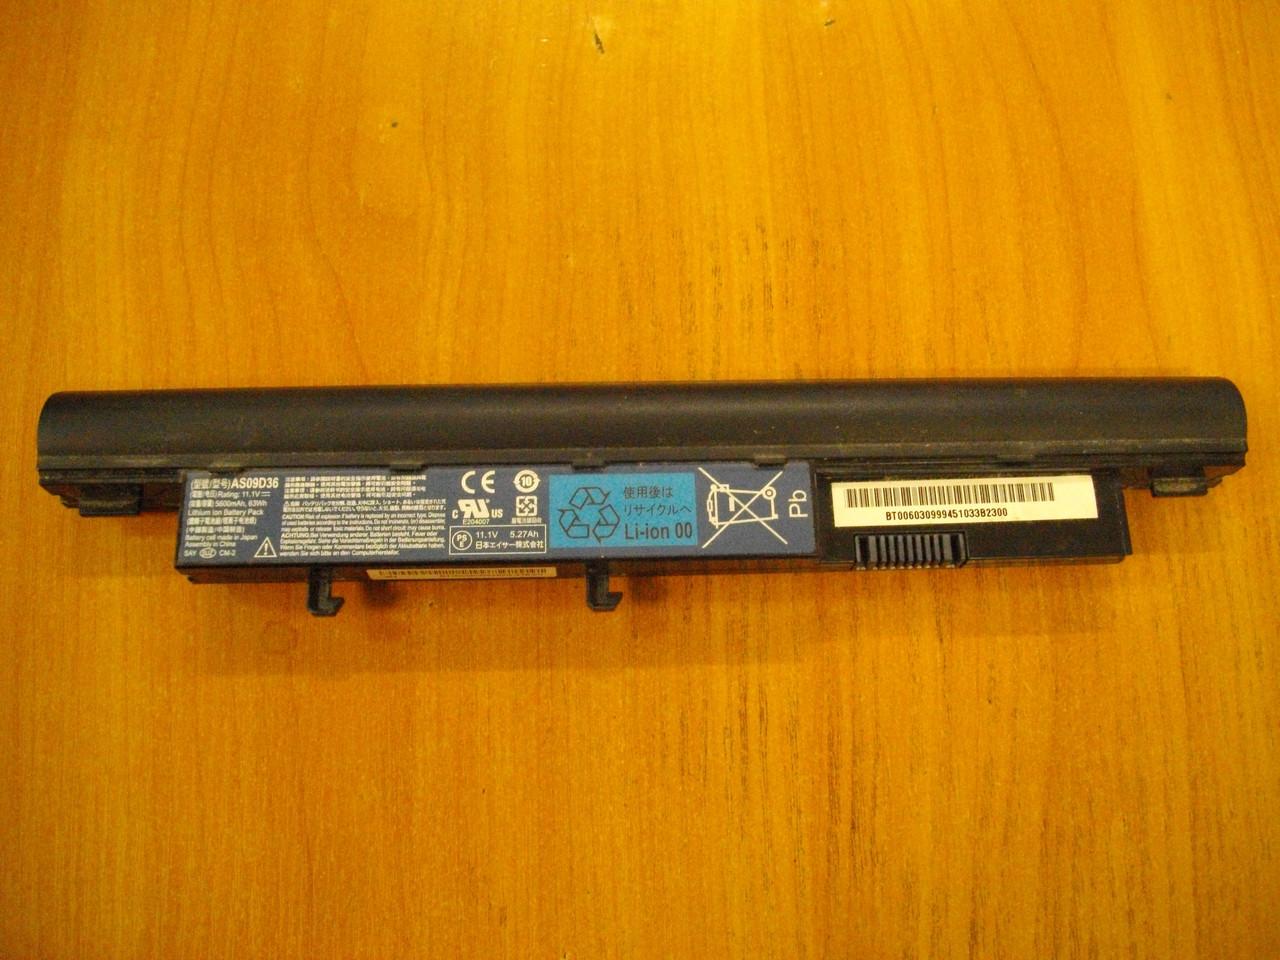 АКБ Батарея Аккумулятор AS09D36 от ноутбука Acer TravelMate 8371 TM8371G